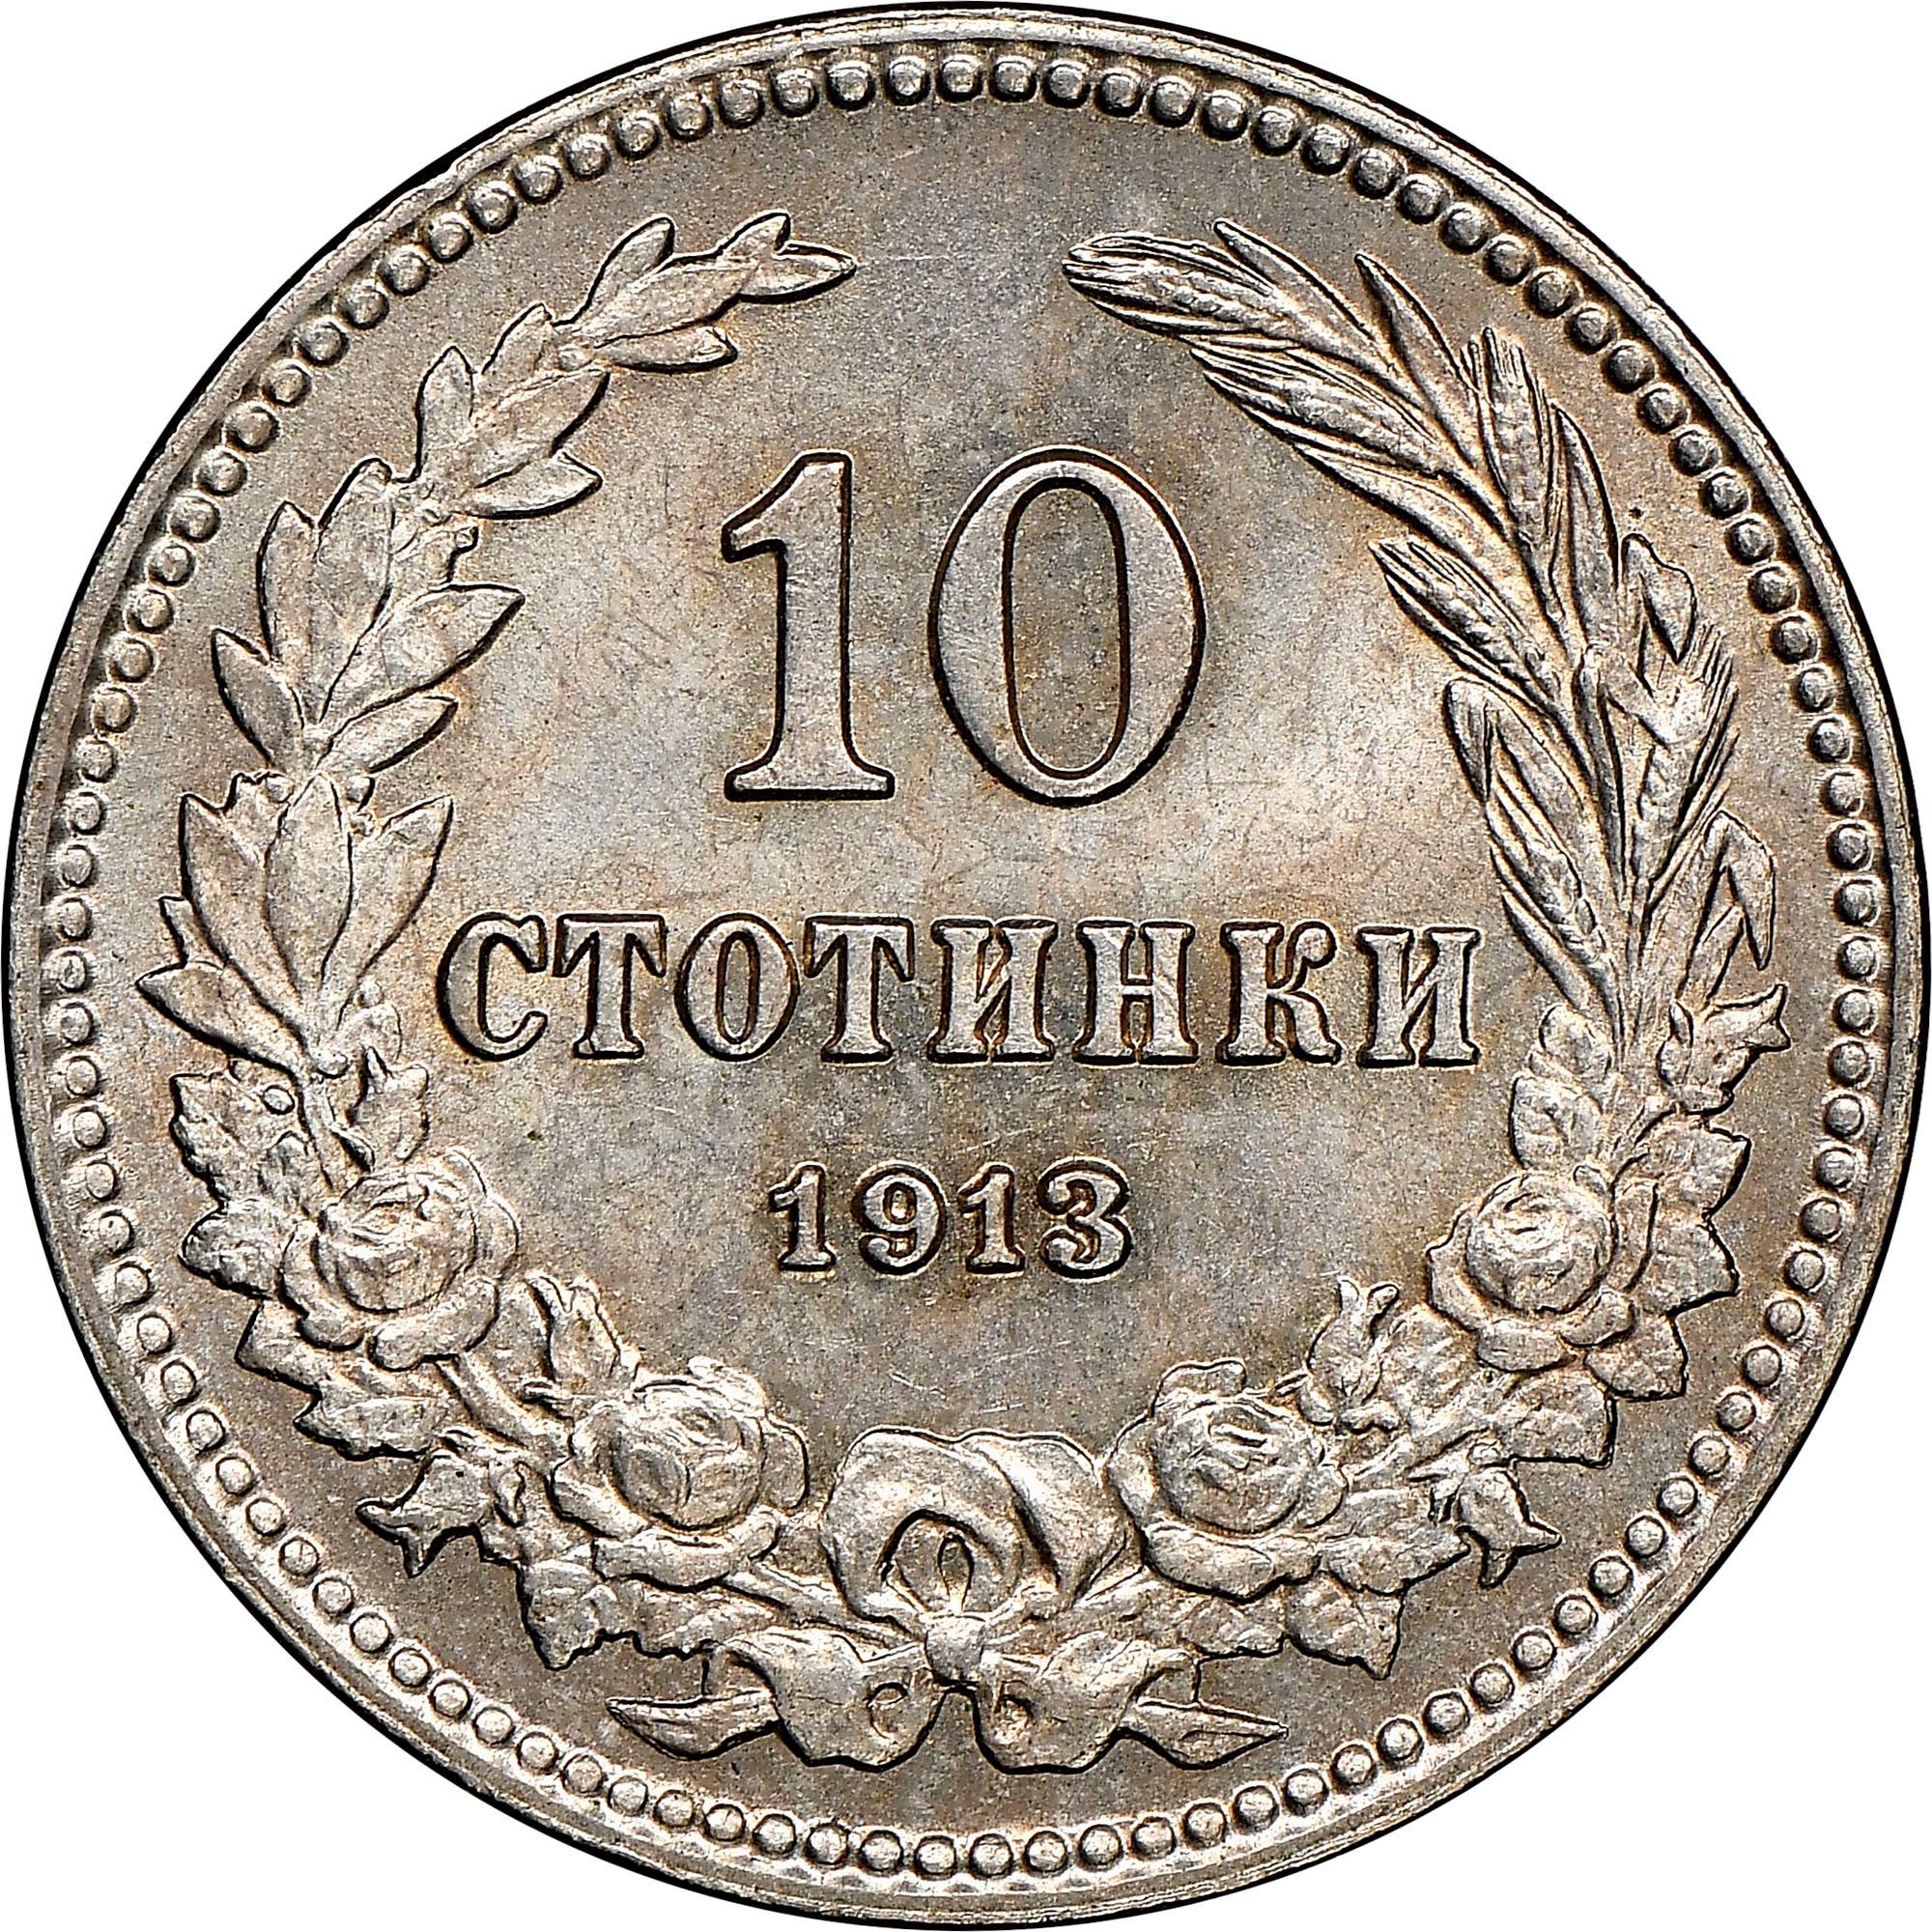 Bulgaria 10 Stotinki reverse